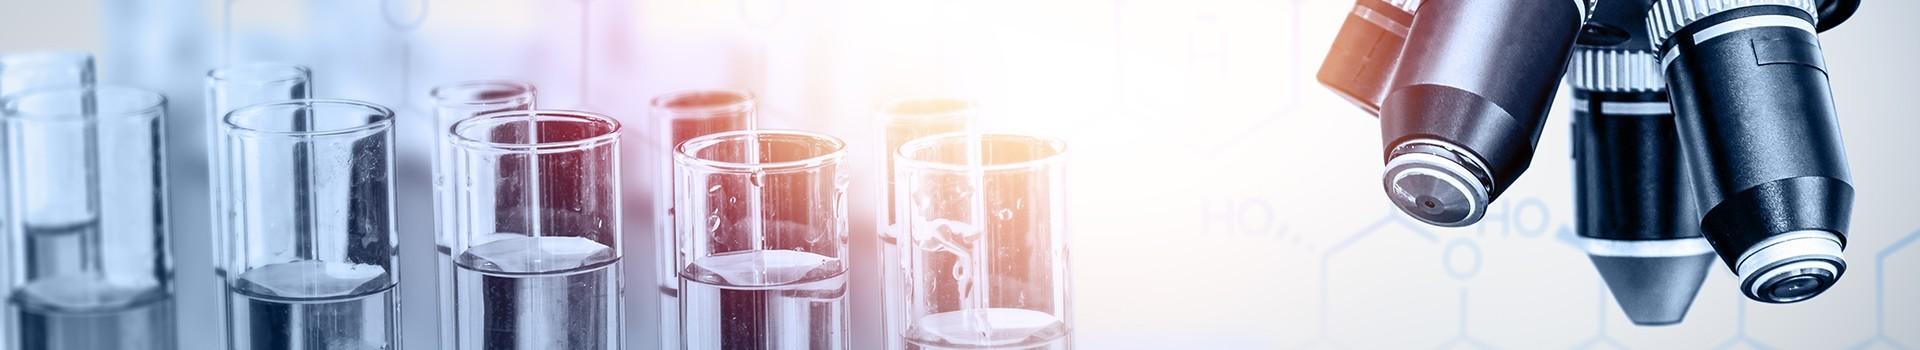 Ποτήρια Ζέσεως